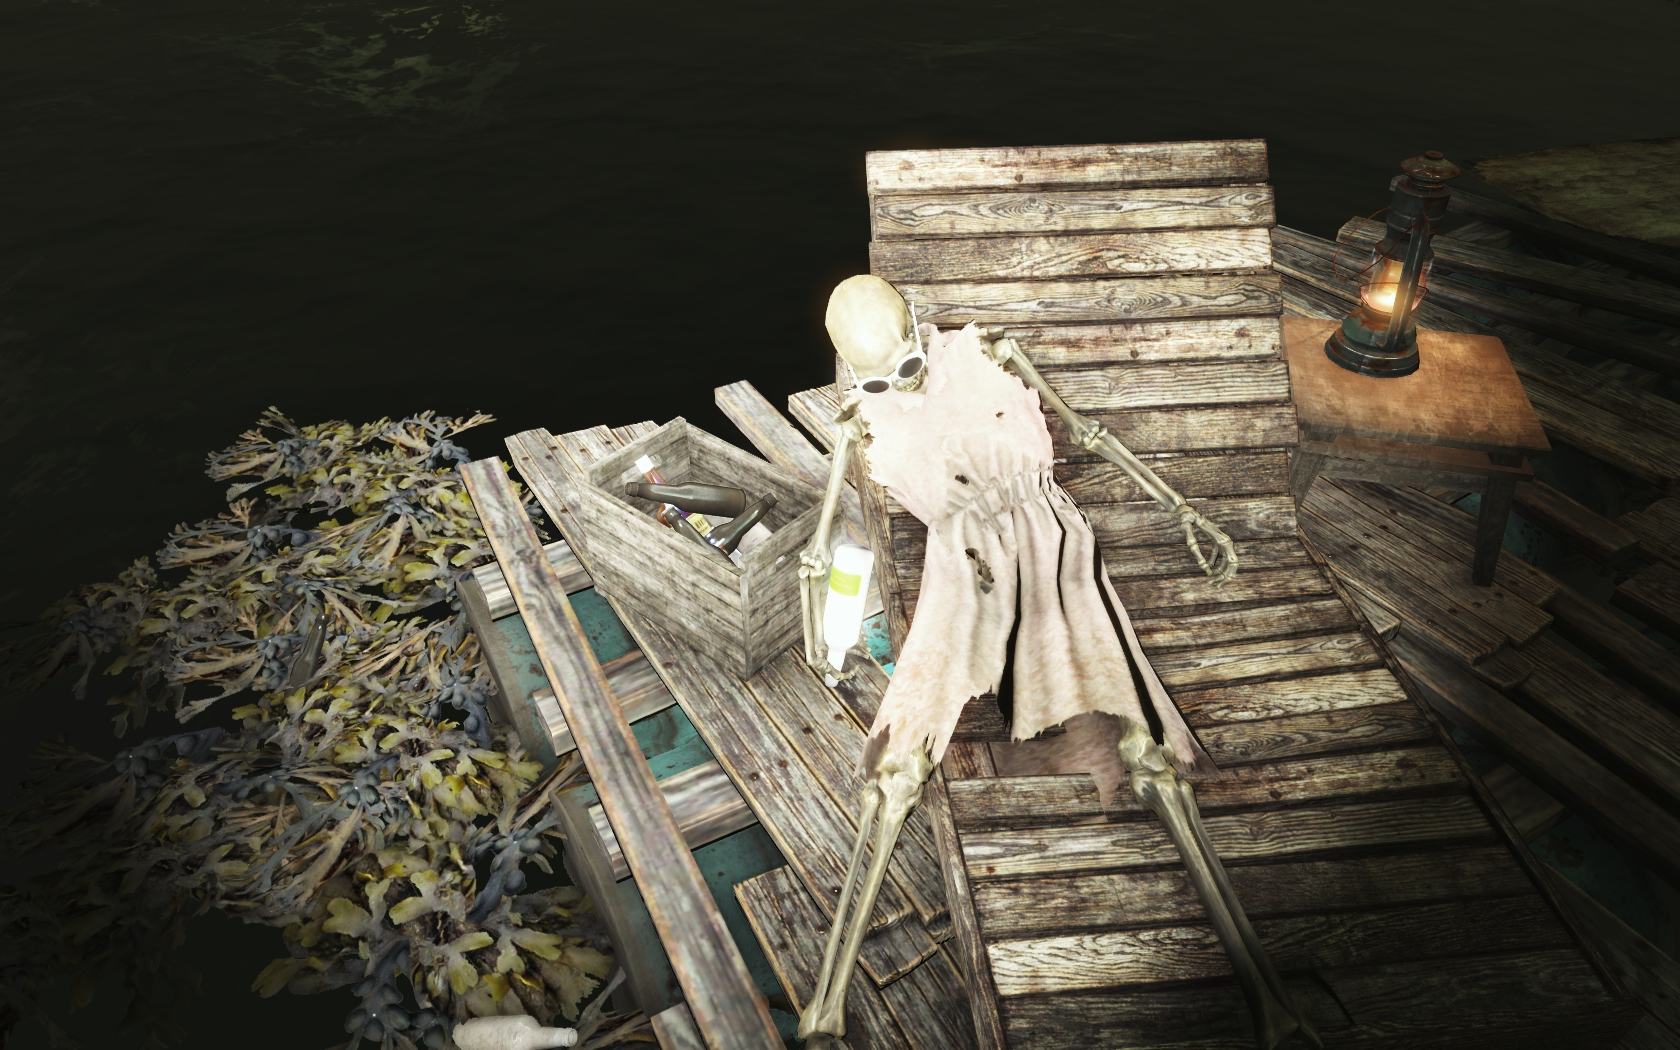 Нажралась (Фар-Харбор, восточнее Разрушенной радиовышки) - Fallout 4 радиовышка, Разрушенная радиовышка, скелет, Юмор